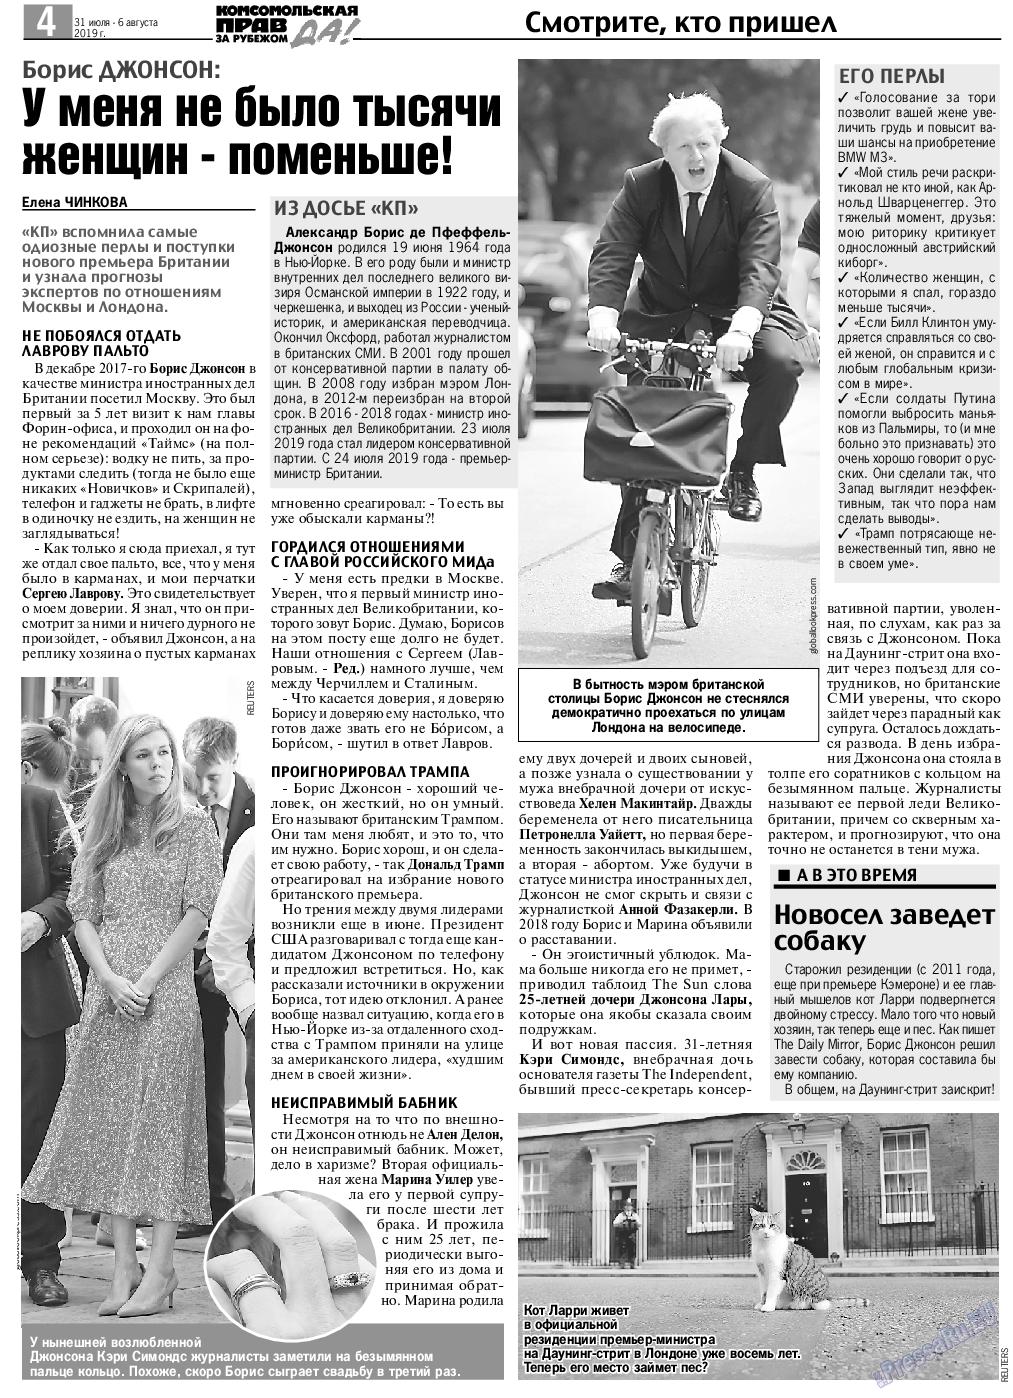 КП в Европе (газета). 2019 год, номер 31, стр. 4